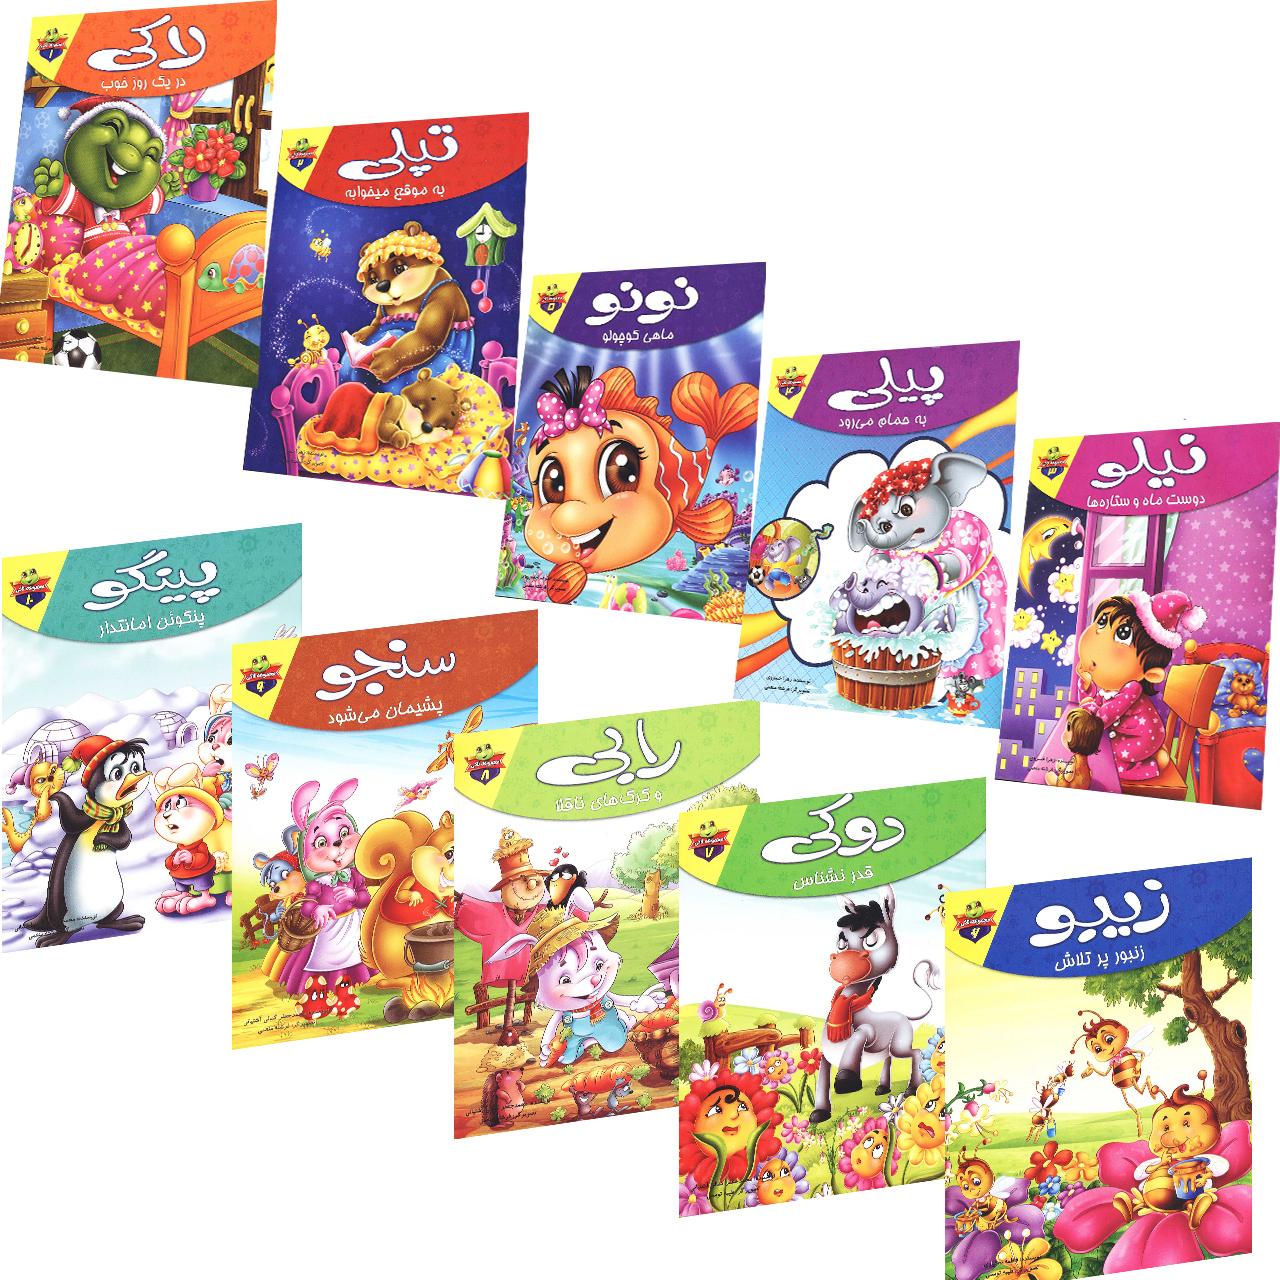 خرید                      کتاب داستان های لاکی اثر زهرا خسروی مجموعه 10 جلدی نشر کمال اندیشه